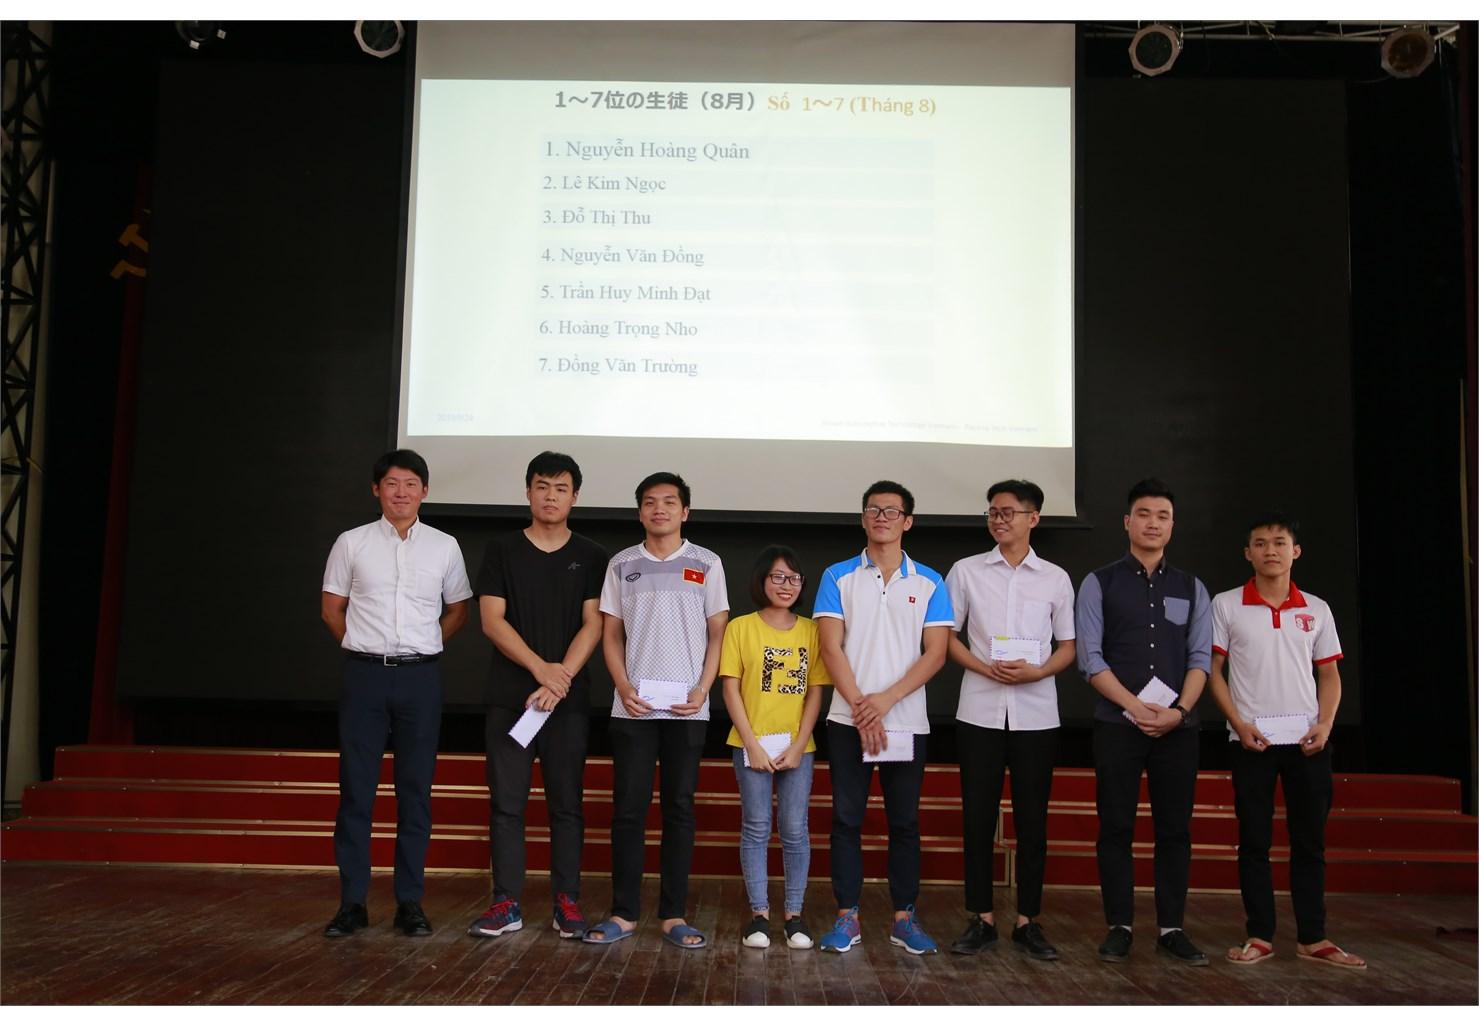 Trao 74 suất học bổng tháng 8 trong chương trình `Đào tạo kỹ sư trình độ cao của Công ty Nissan Techno Việt Nam và Công ty Pasona Tech Việt Nam`